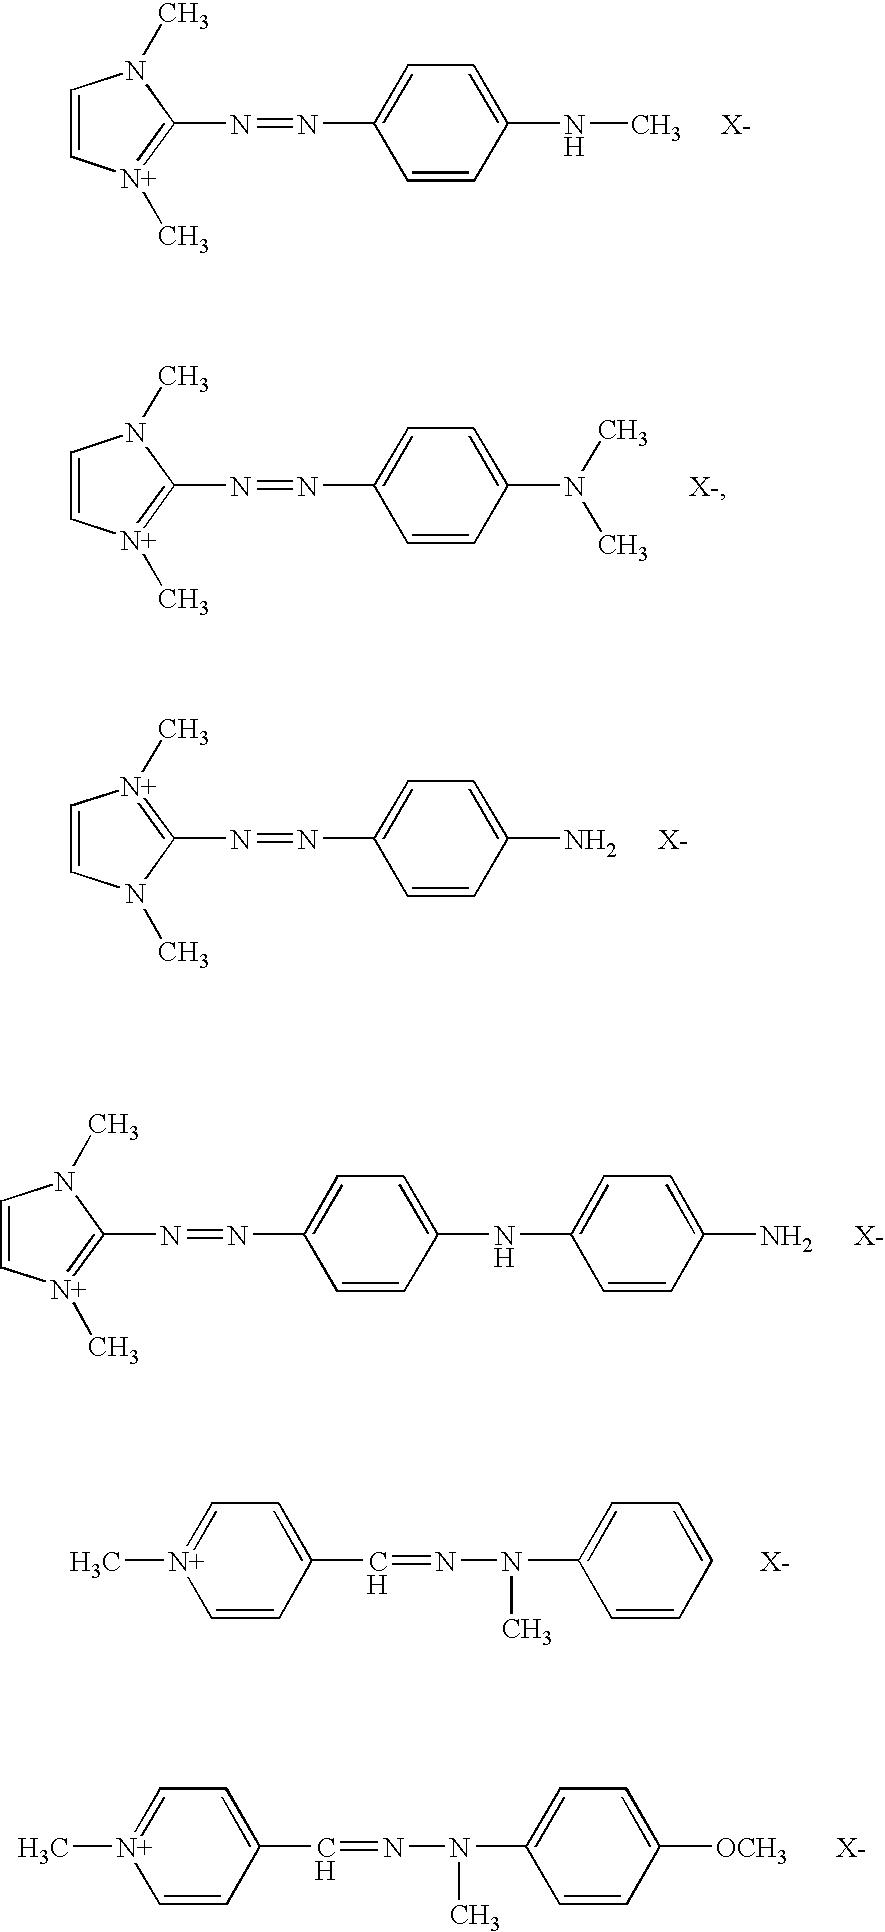 Figure US20100199441A1-20100812-C00001